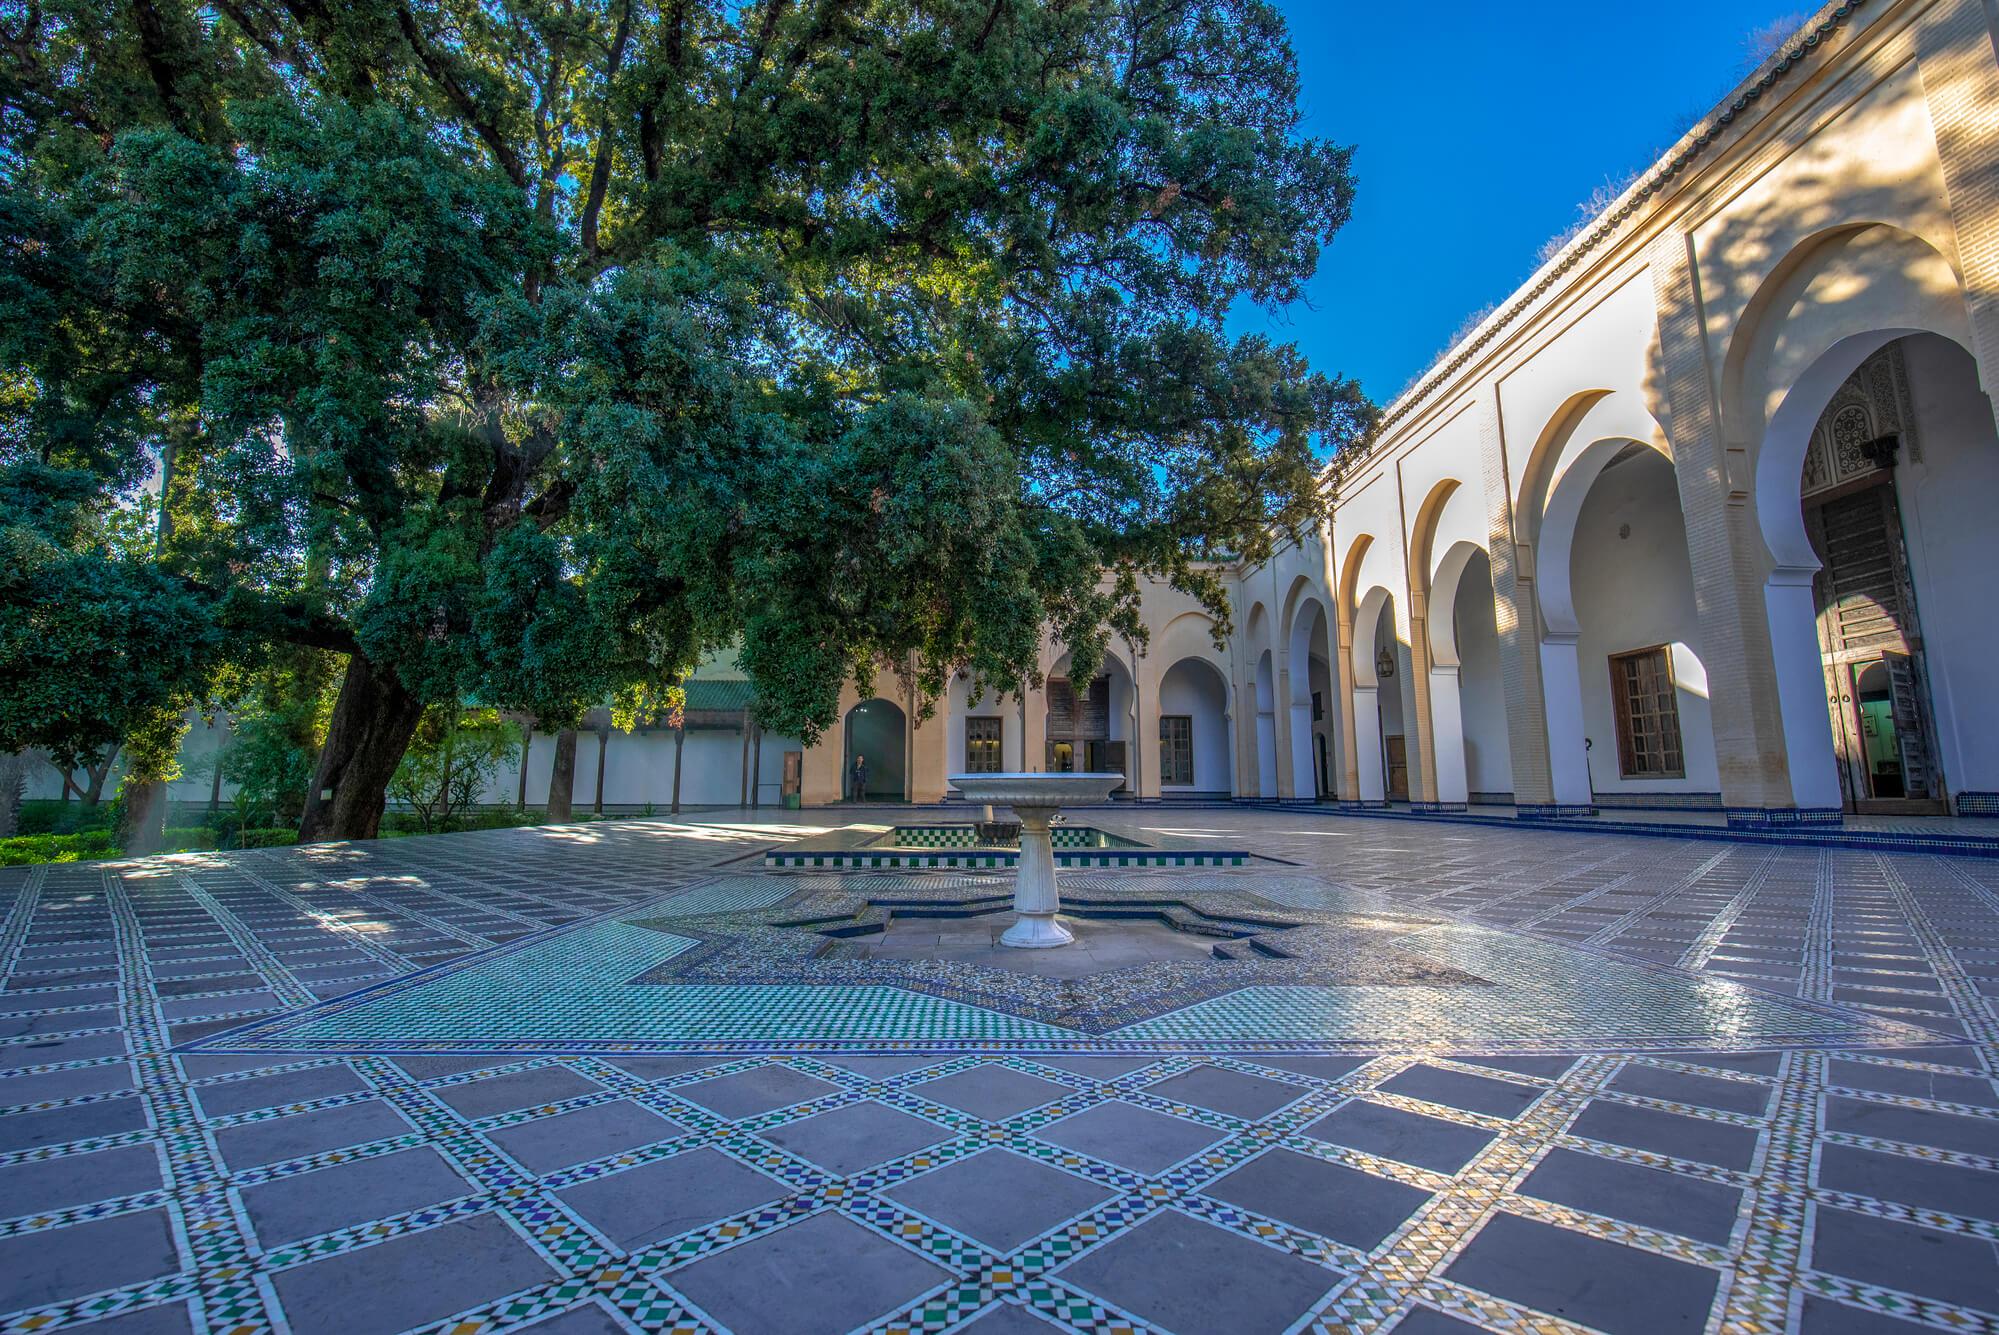 מוזיאון דאר בטחה בעיר פס, מרוקו